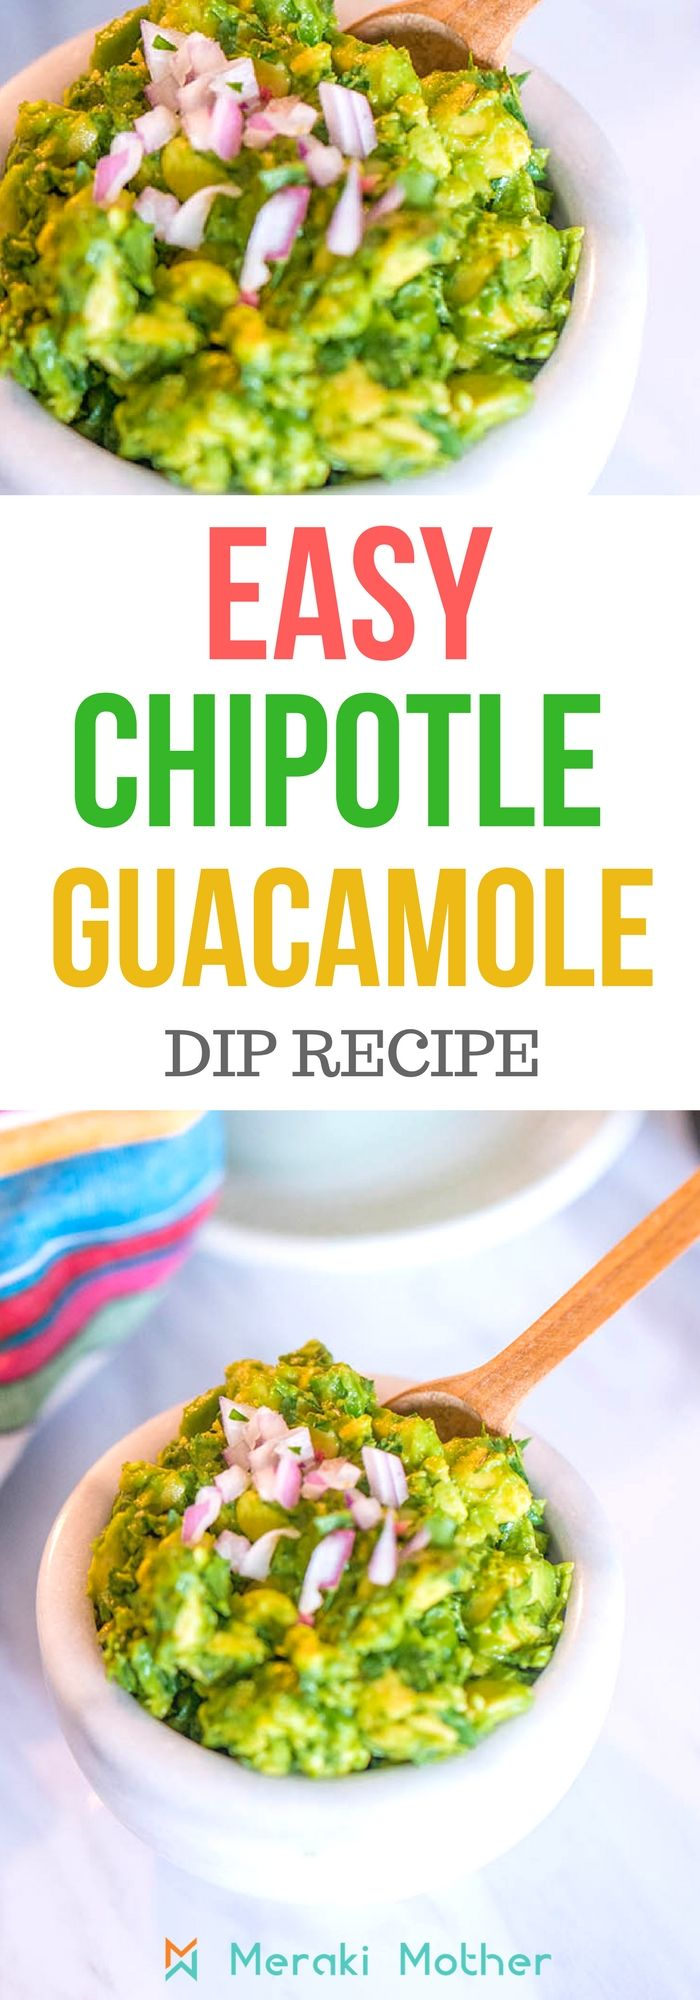 Medium Of Chipotle Guac Recipe